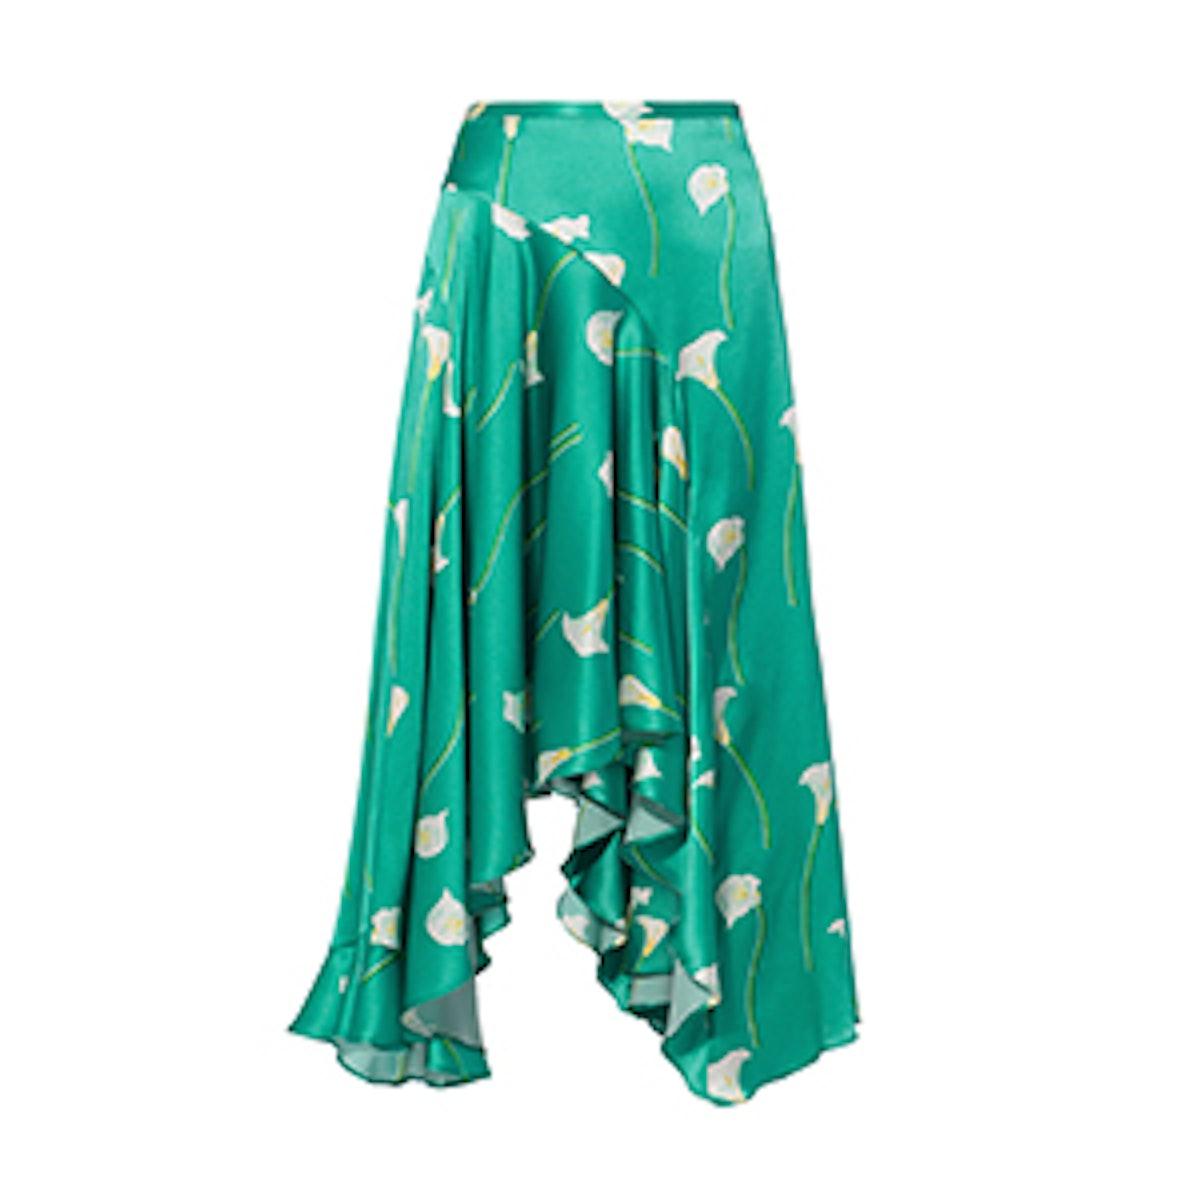 Calla Lilly Flounced Midi Skirt